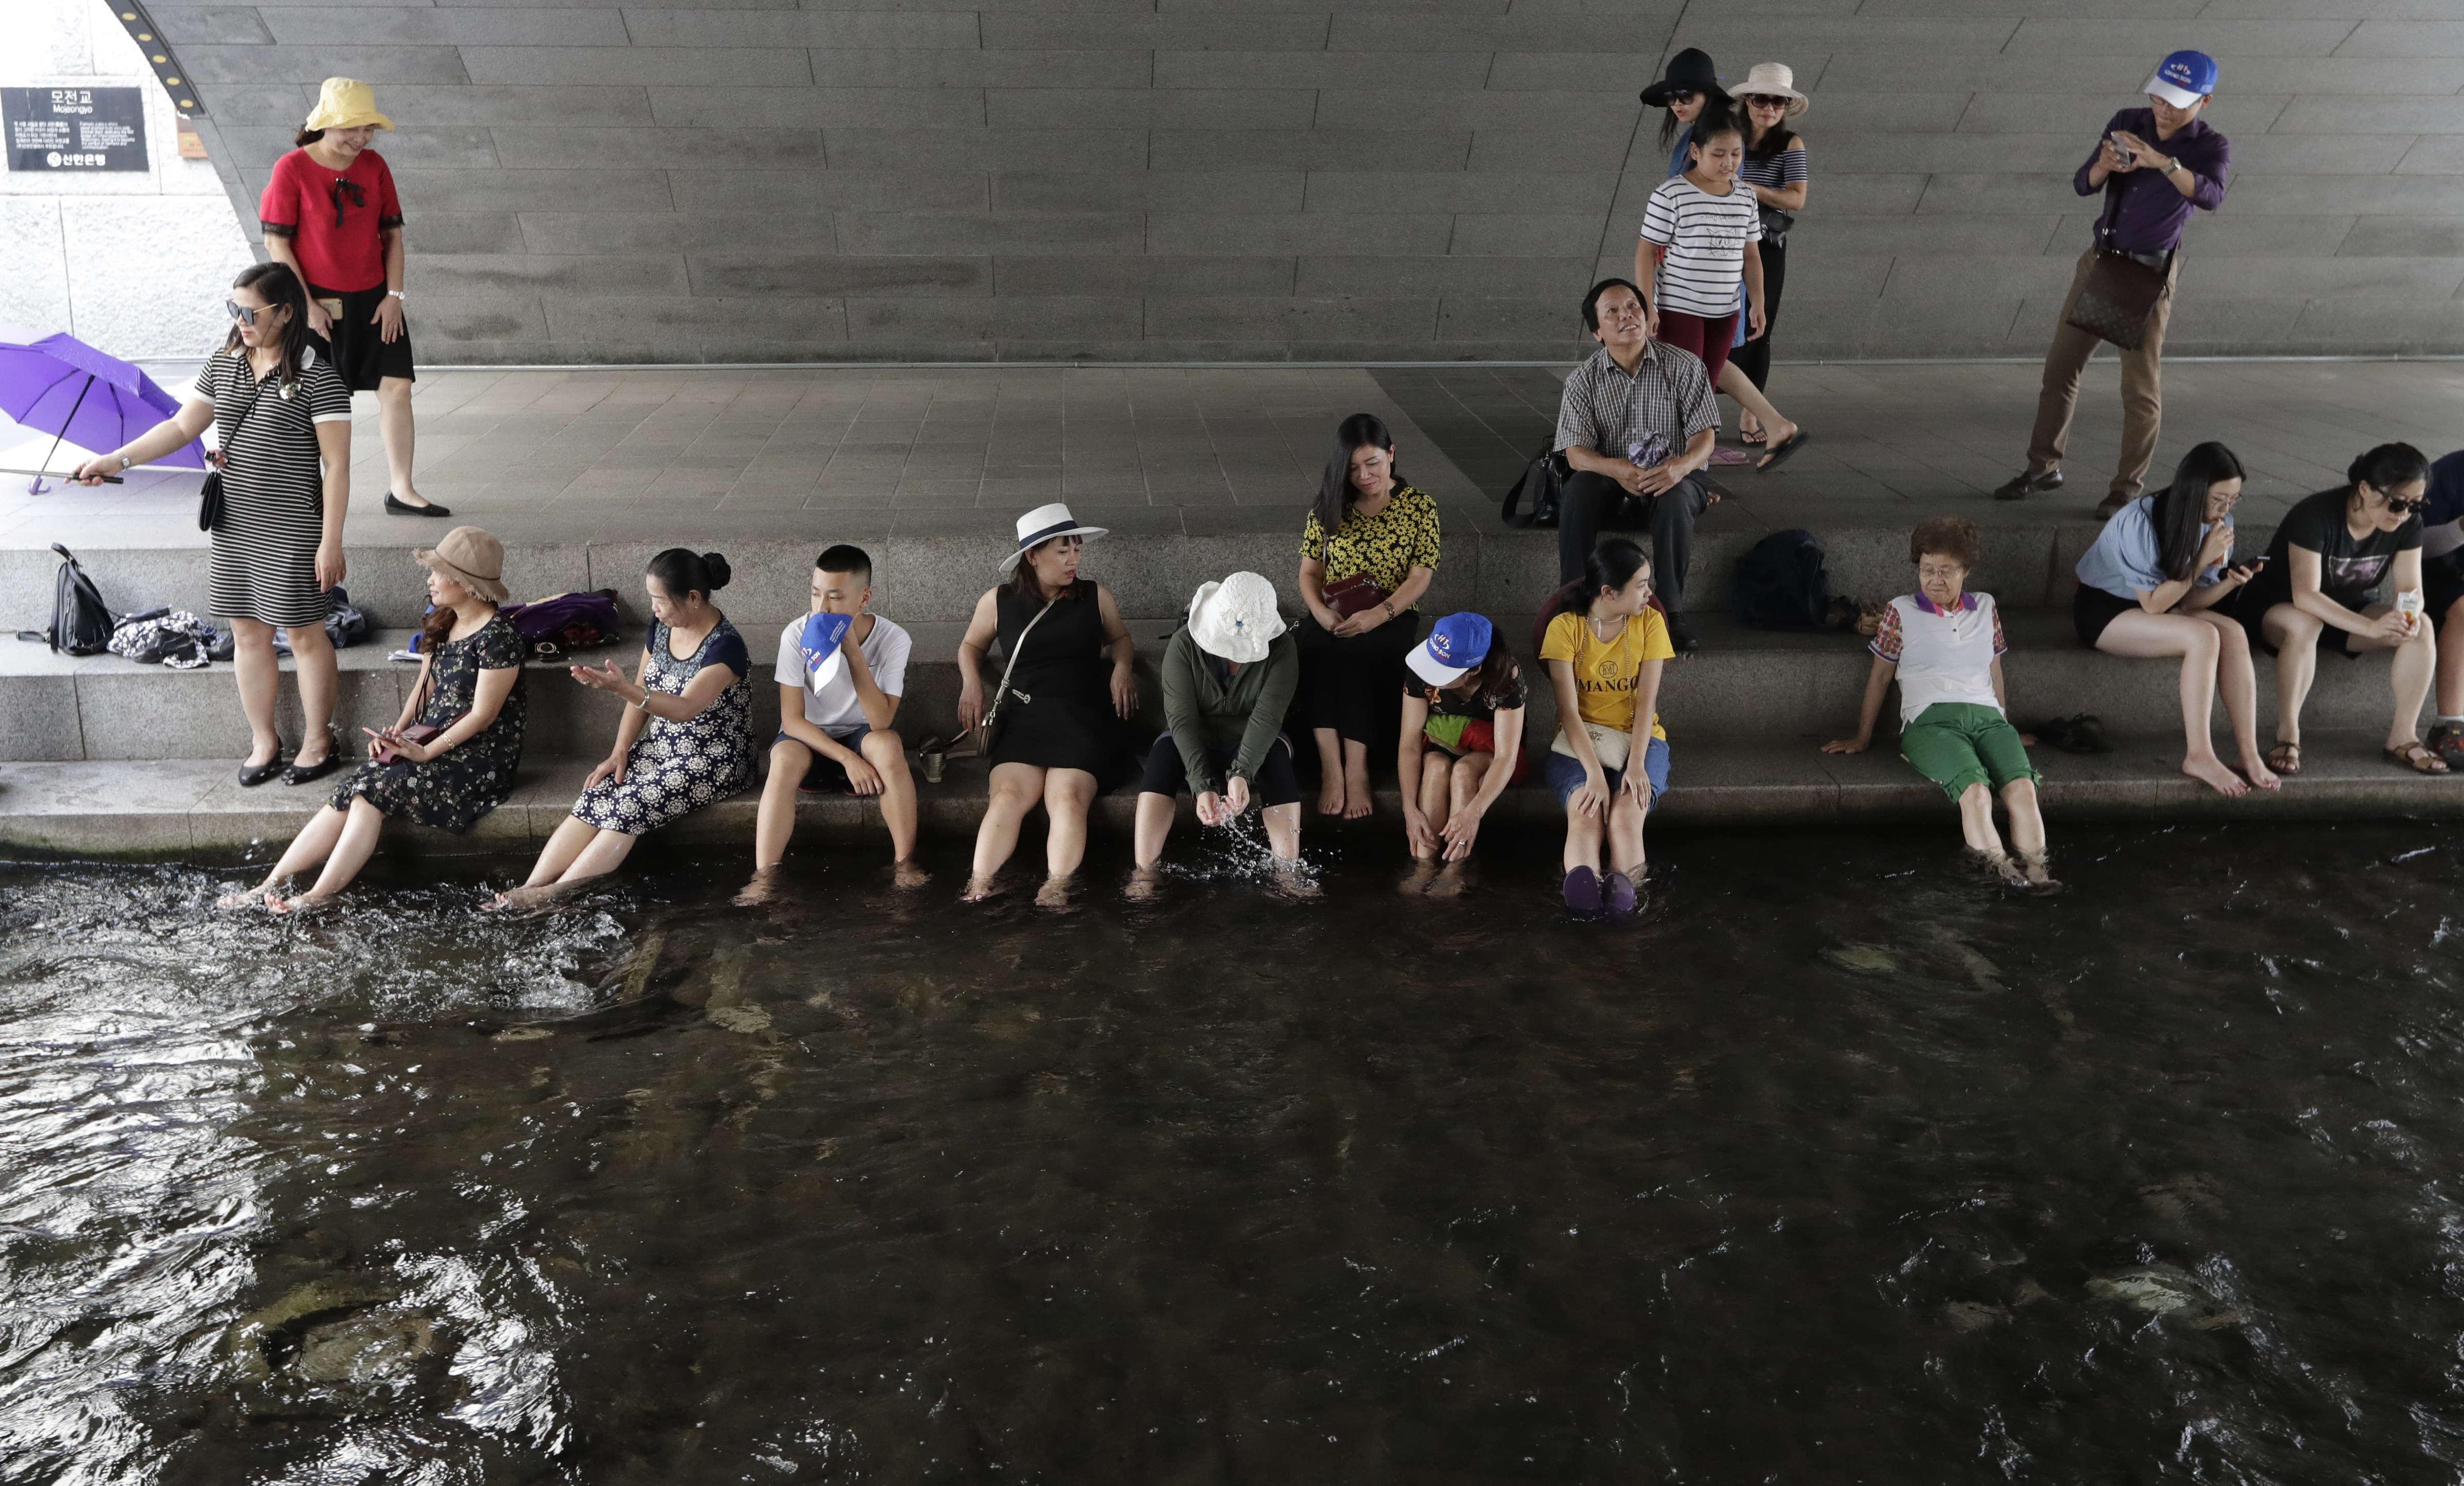 Des visiteurs se reposent à l'ombre dans le courant duCheonggyecheon, dans le centre-ville de Séoul, en Corée du Sud, le 23juillet. La vague de chaleur qui s'est emparée d'une large partie du Japon a également atteint la Corée du Sud voisine.